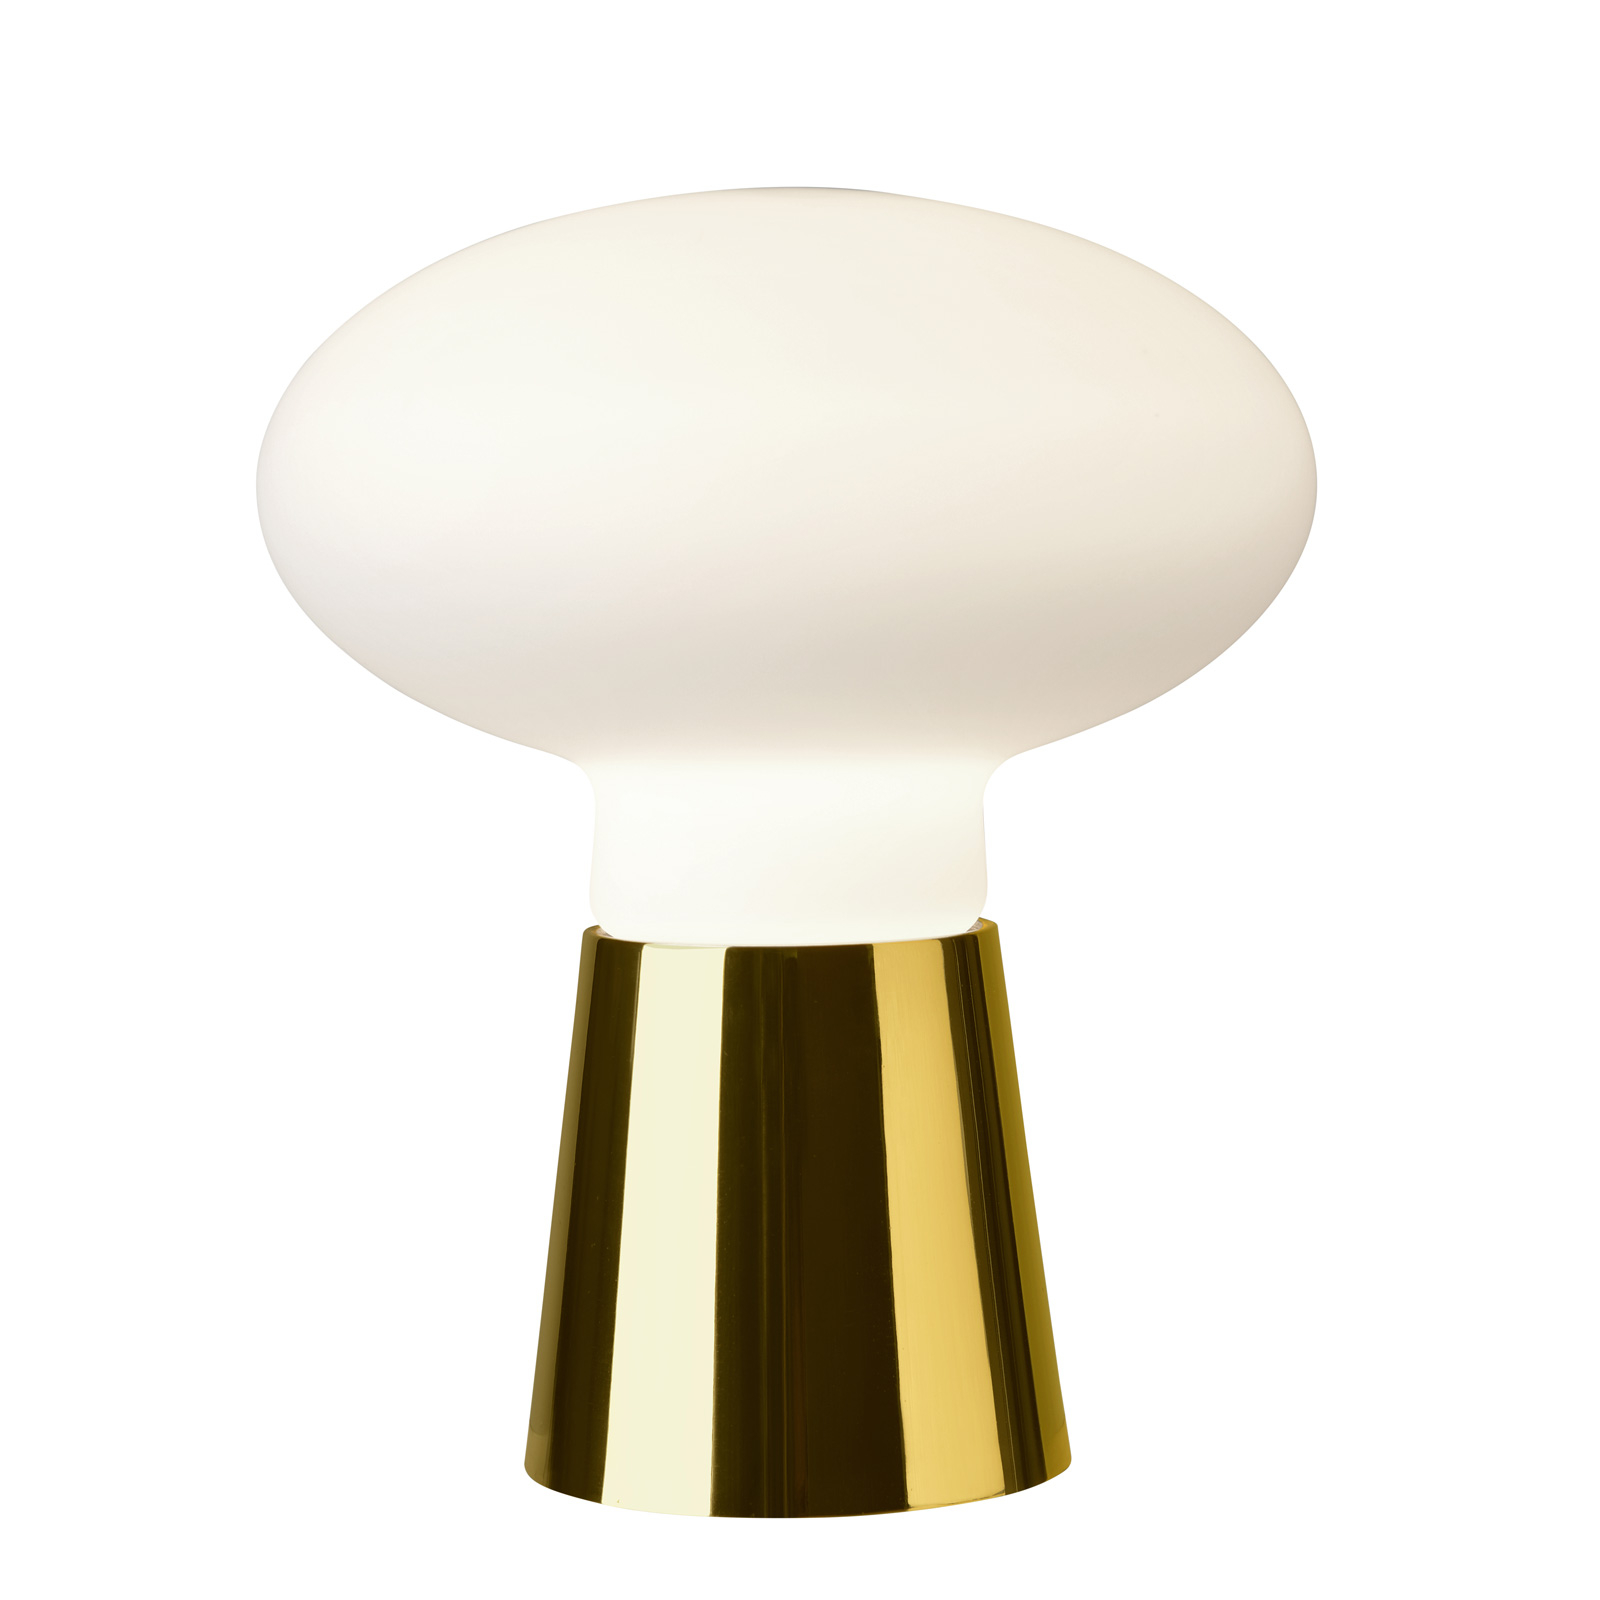 Villeroy & Boch Bilbao pöytälamppu, kultaväri 21cm